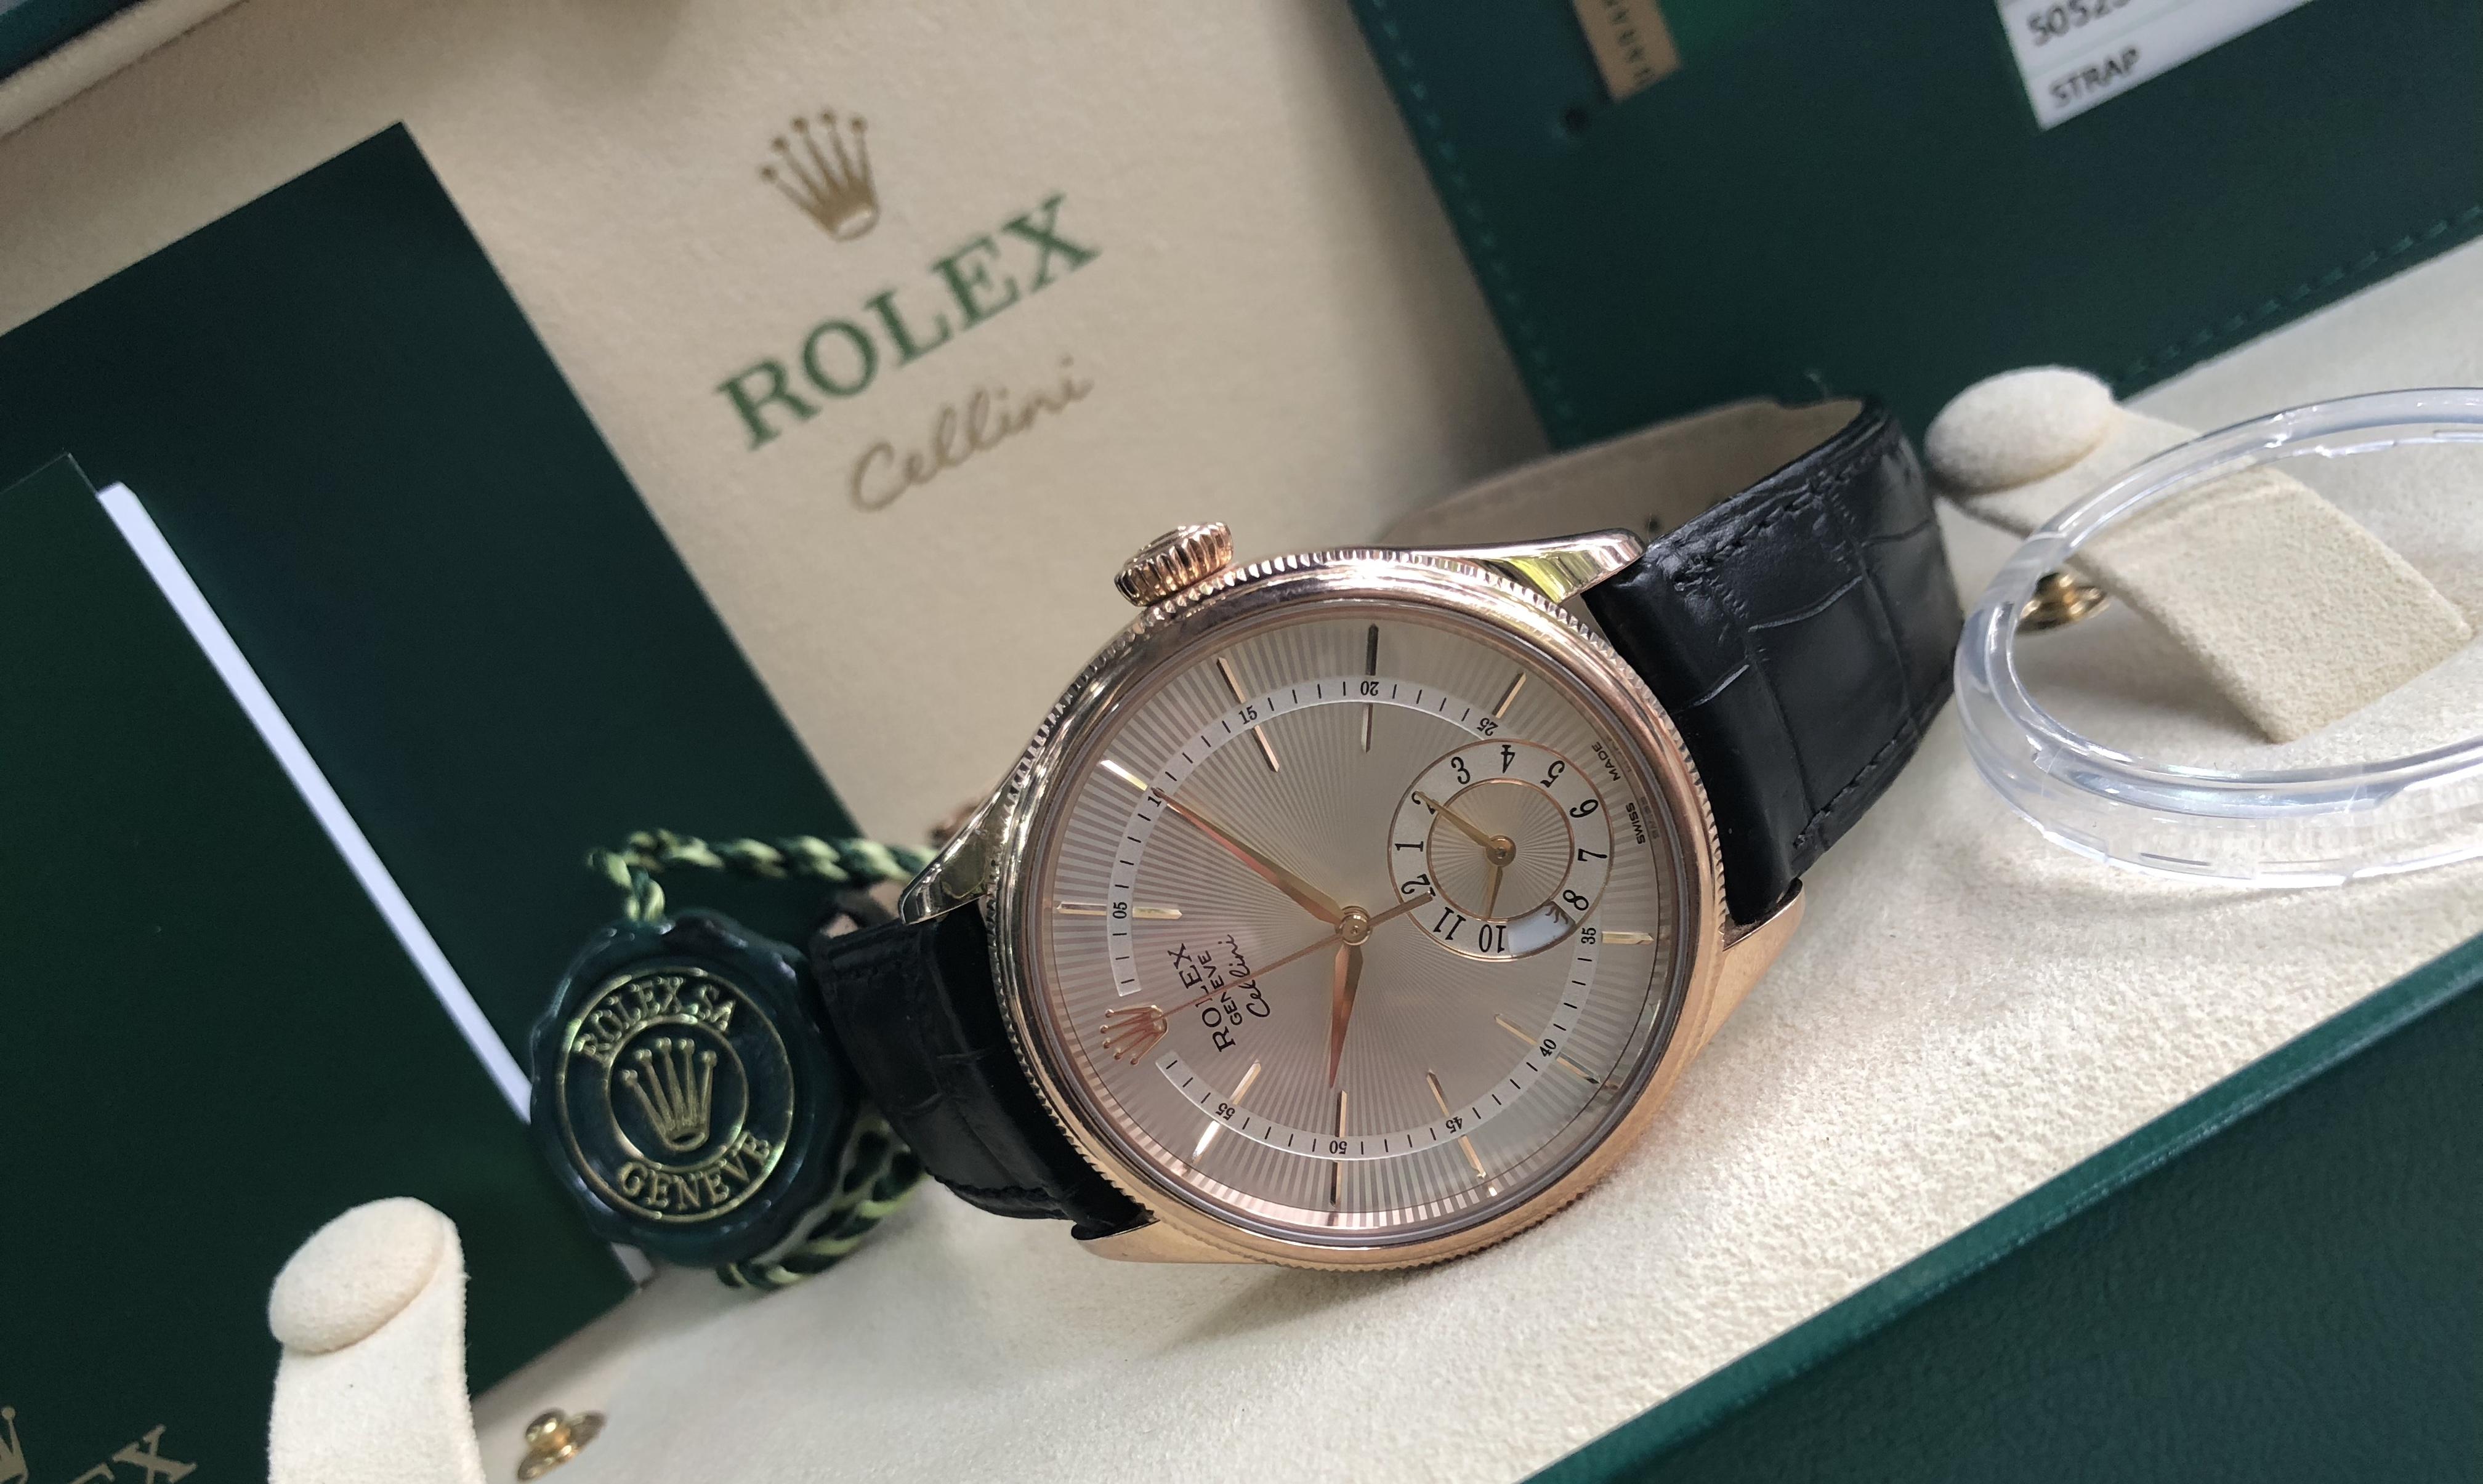 Rolex Cellini 50525 vàng hồng 18k sản xuất năm 2017 fullbox